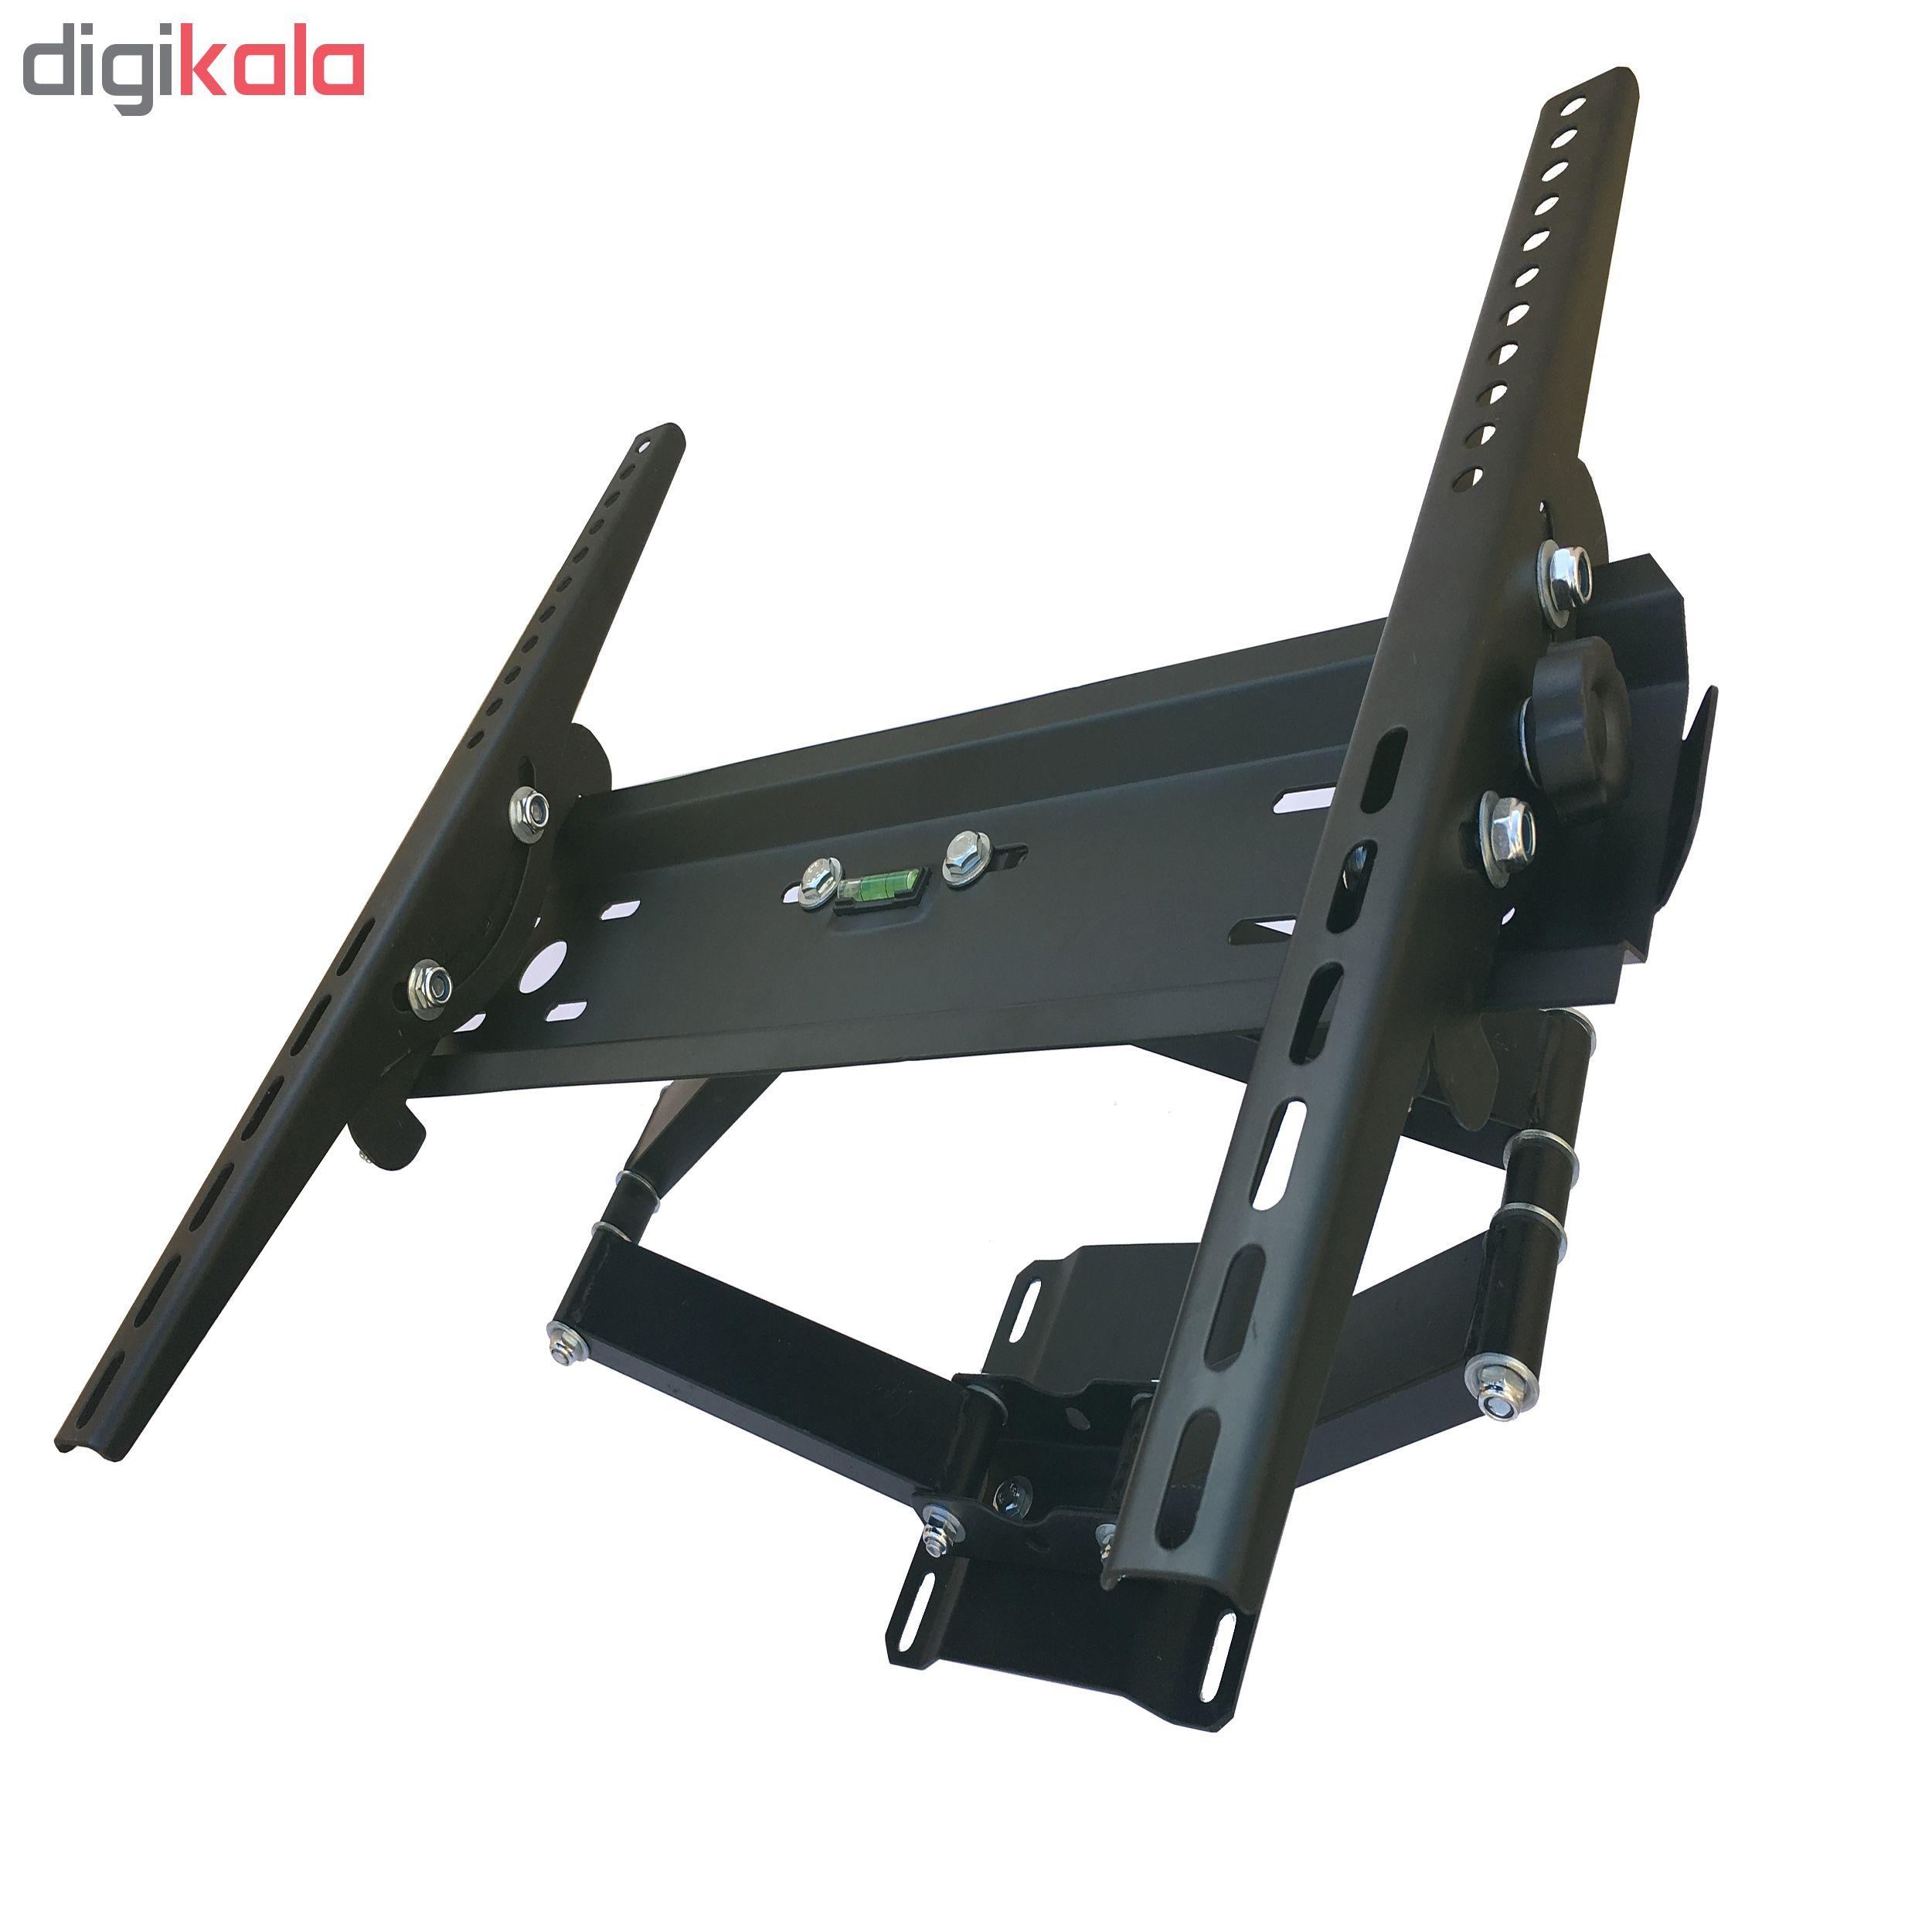 پایه دیواری تلویزیون کاردو مدل A5 مناسب برای تلوزیون 32 تا 58 اینچ